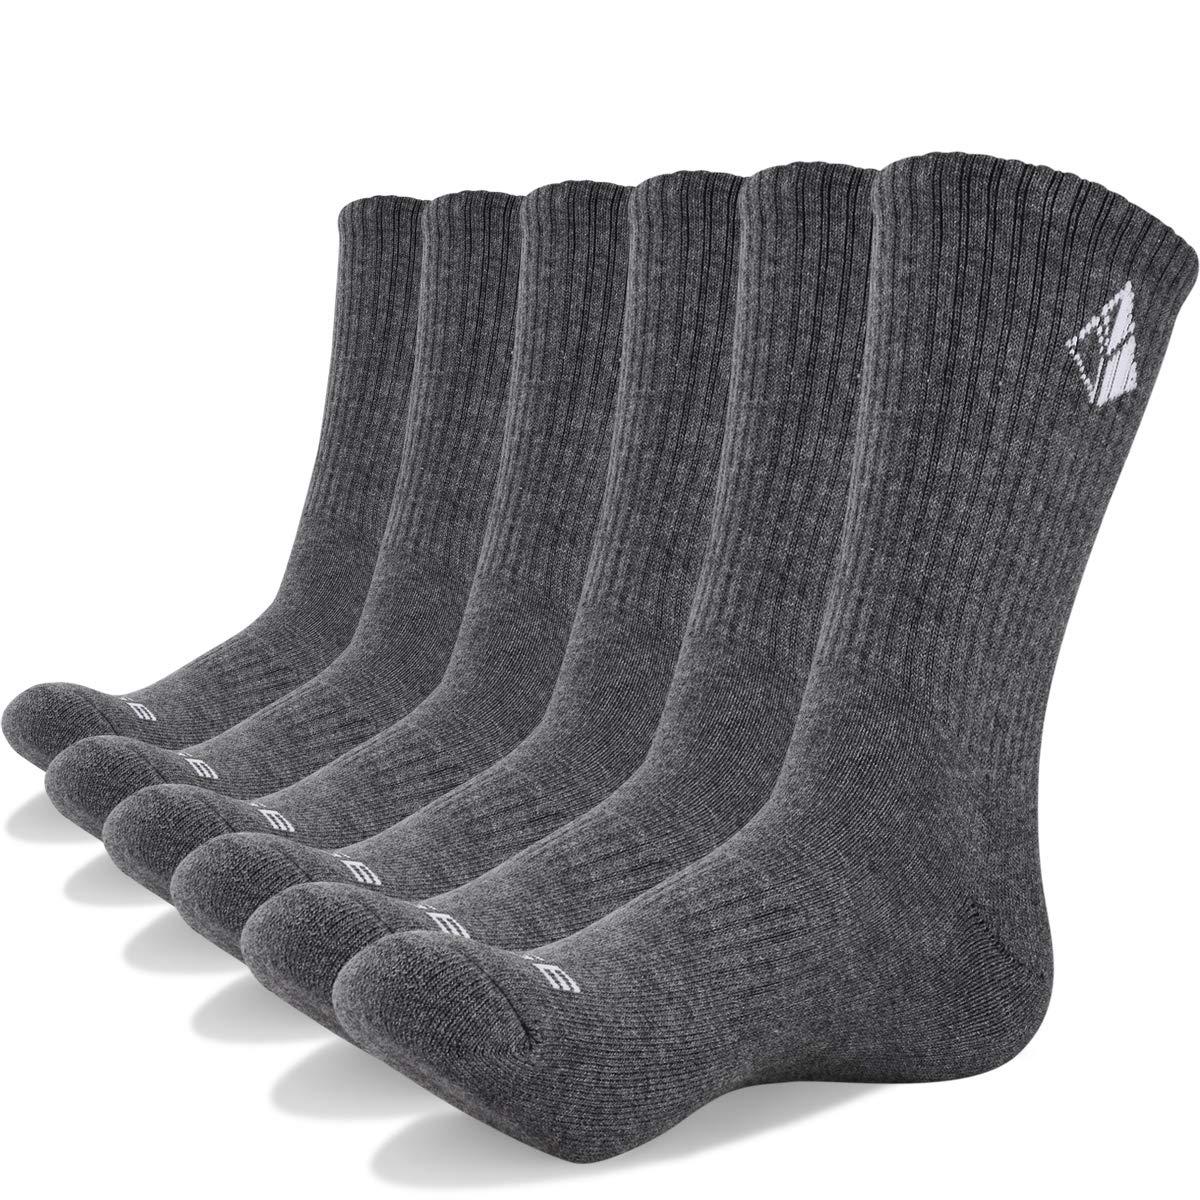 6 Paar atmungsaktive Baumwollsocken